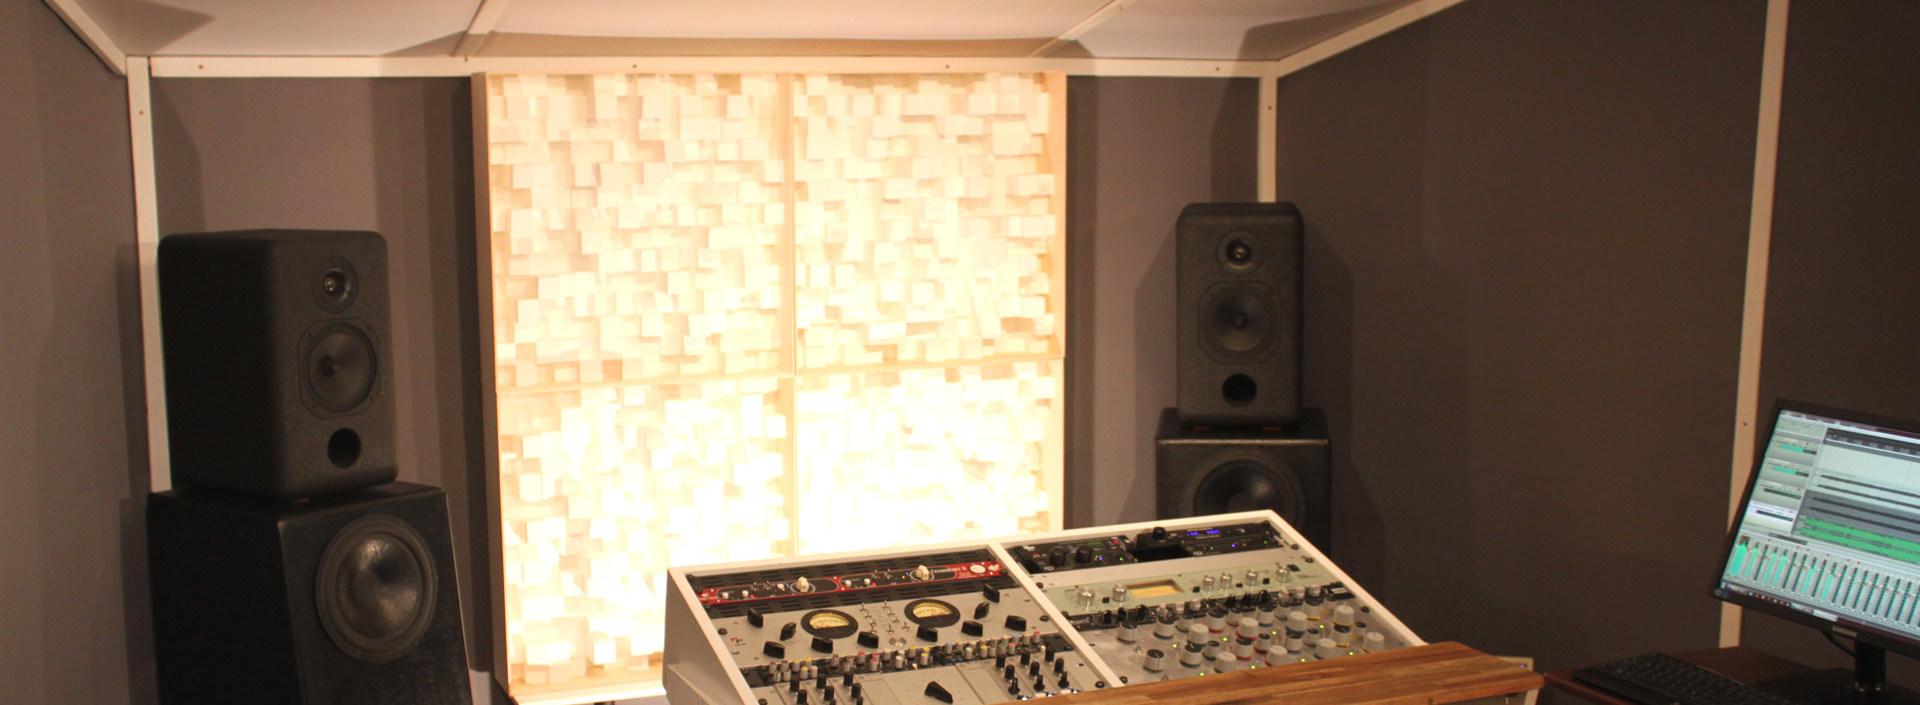 Mastering-room01_1920